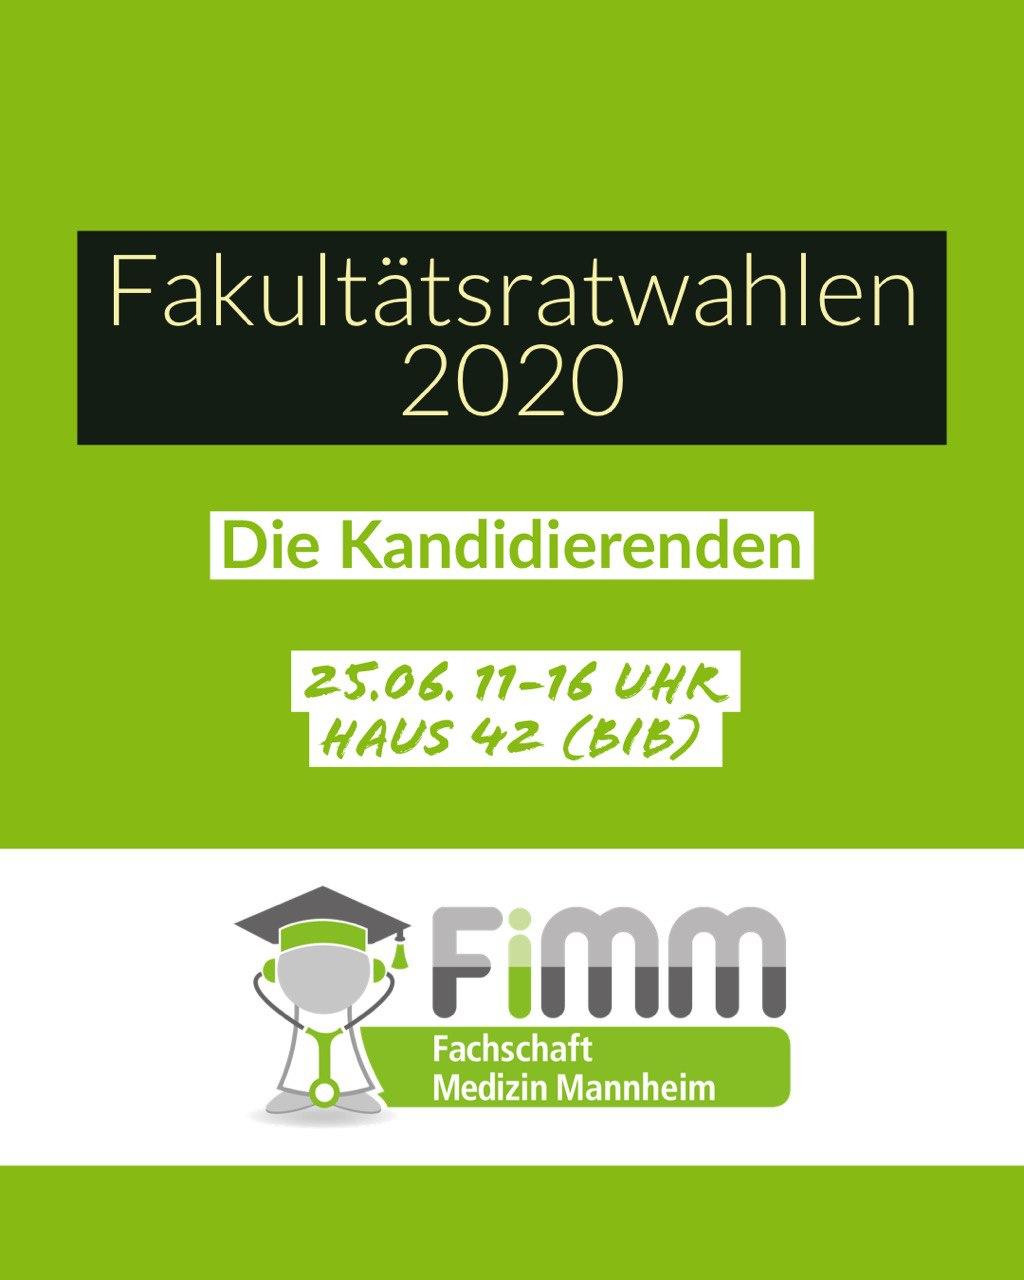 You are currently viewing Hochschulwahlen 2020: Wahl des Senats und des Fakultätrates diesen Do, 25.06.